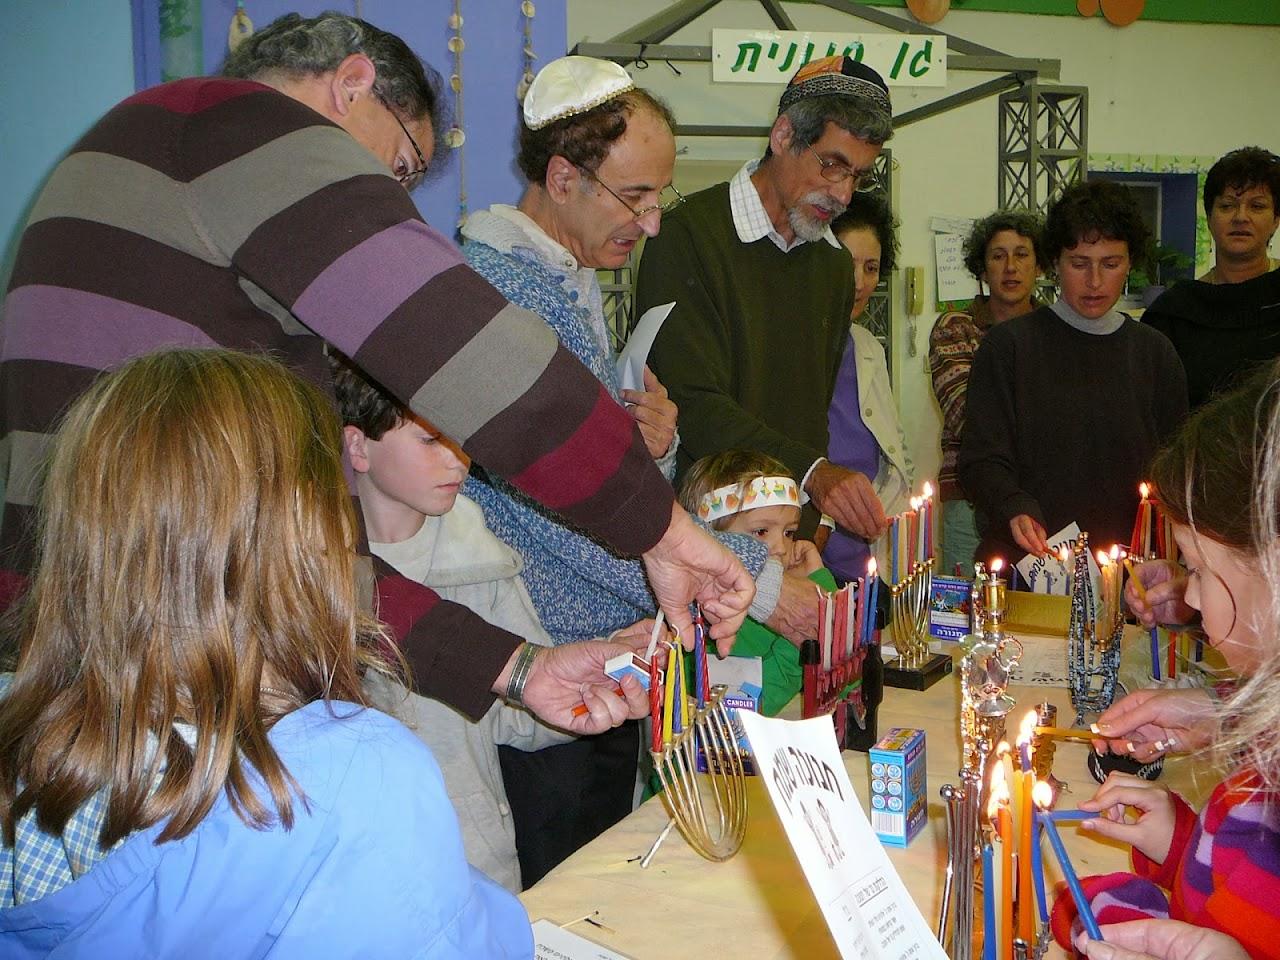 Hanukkah 2006  - 2006-12-22 10.07.37.jpg